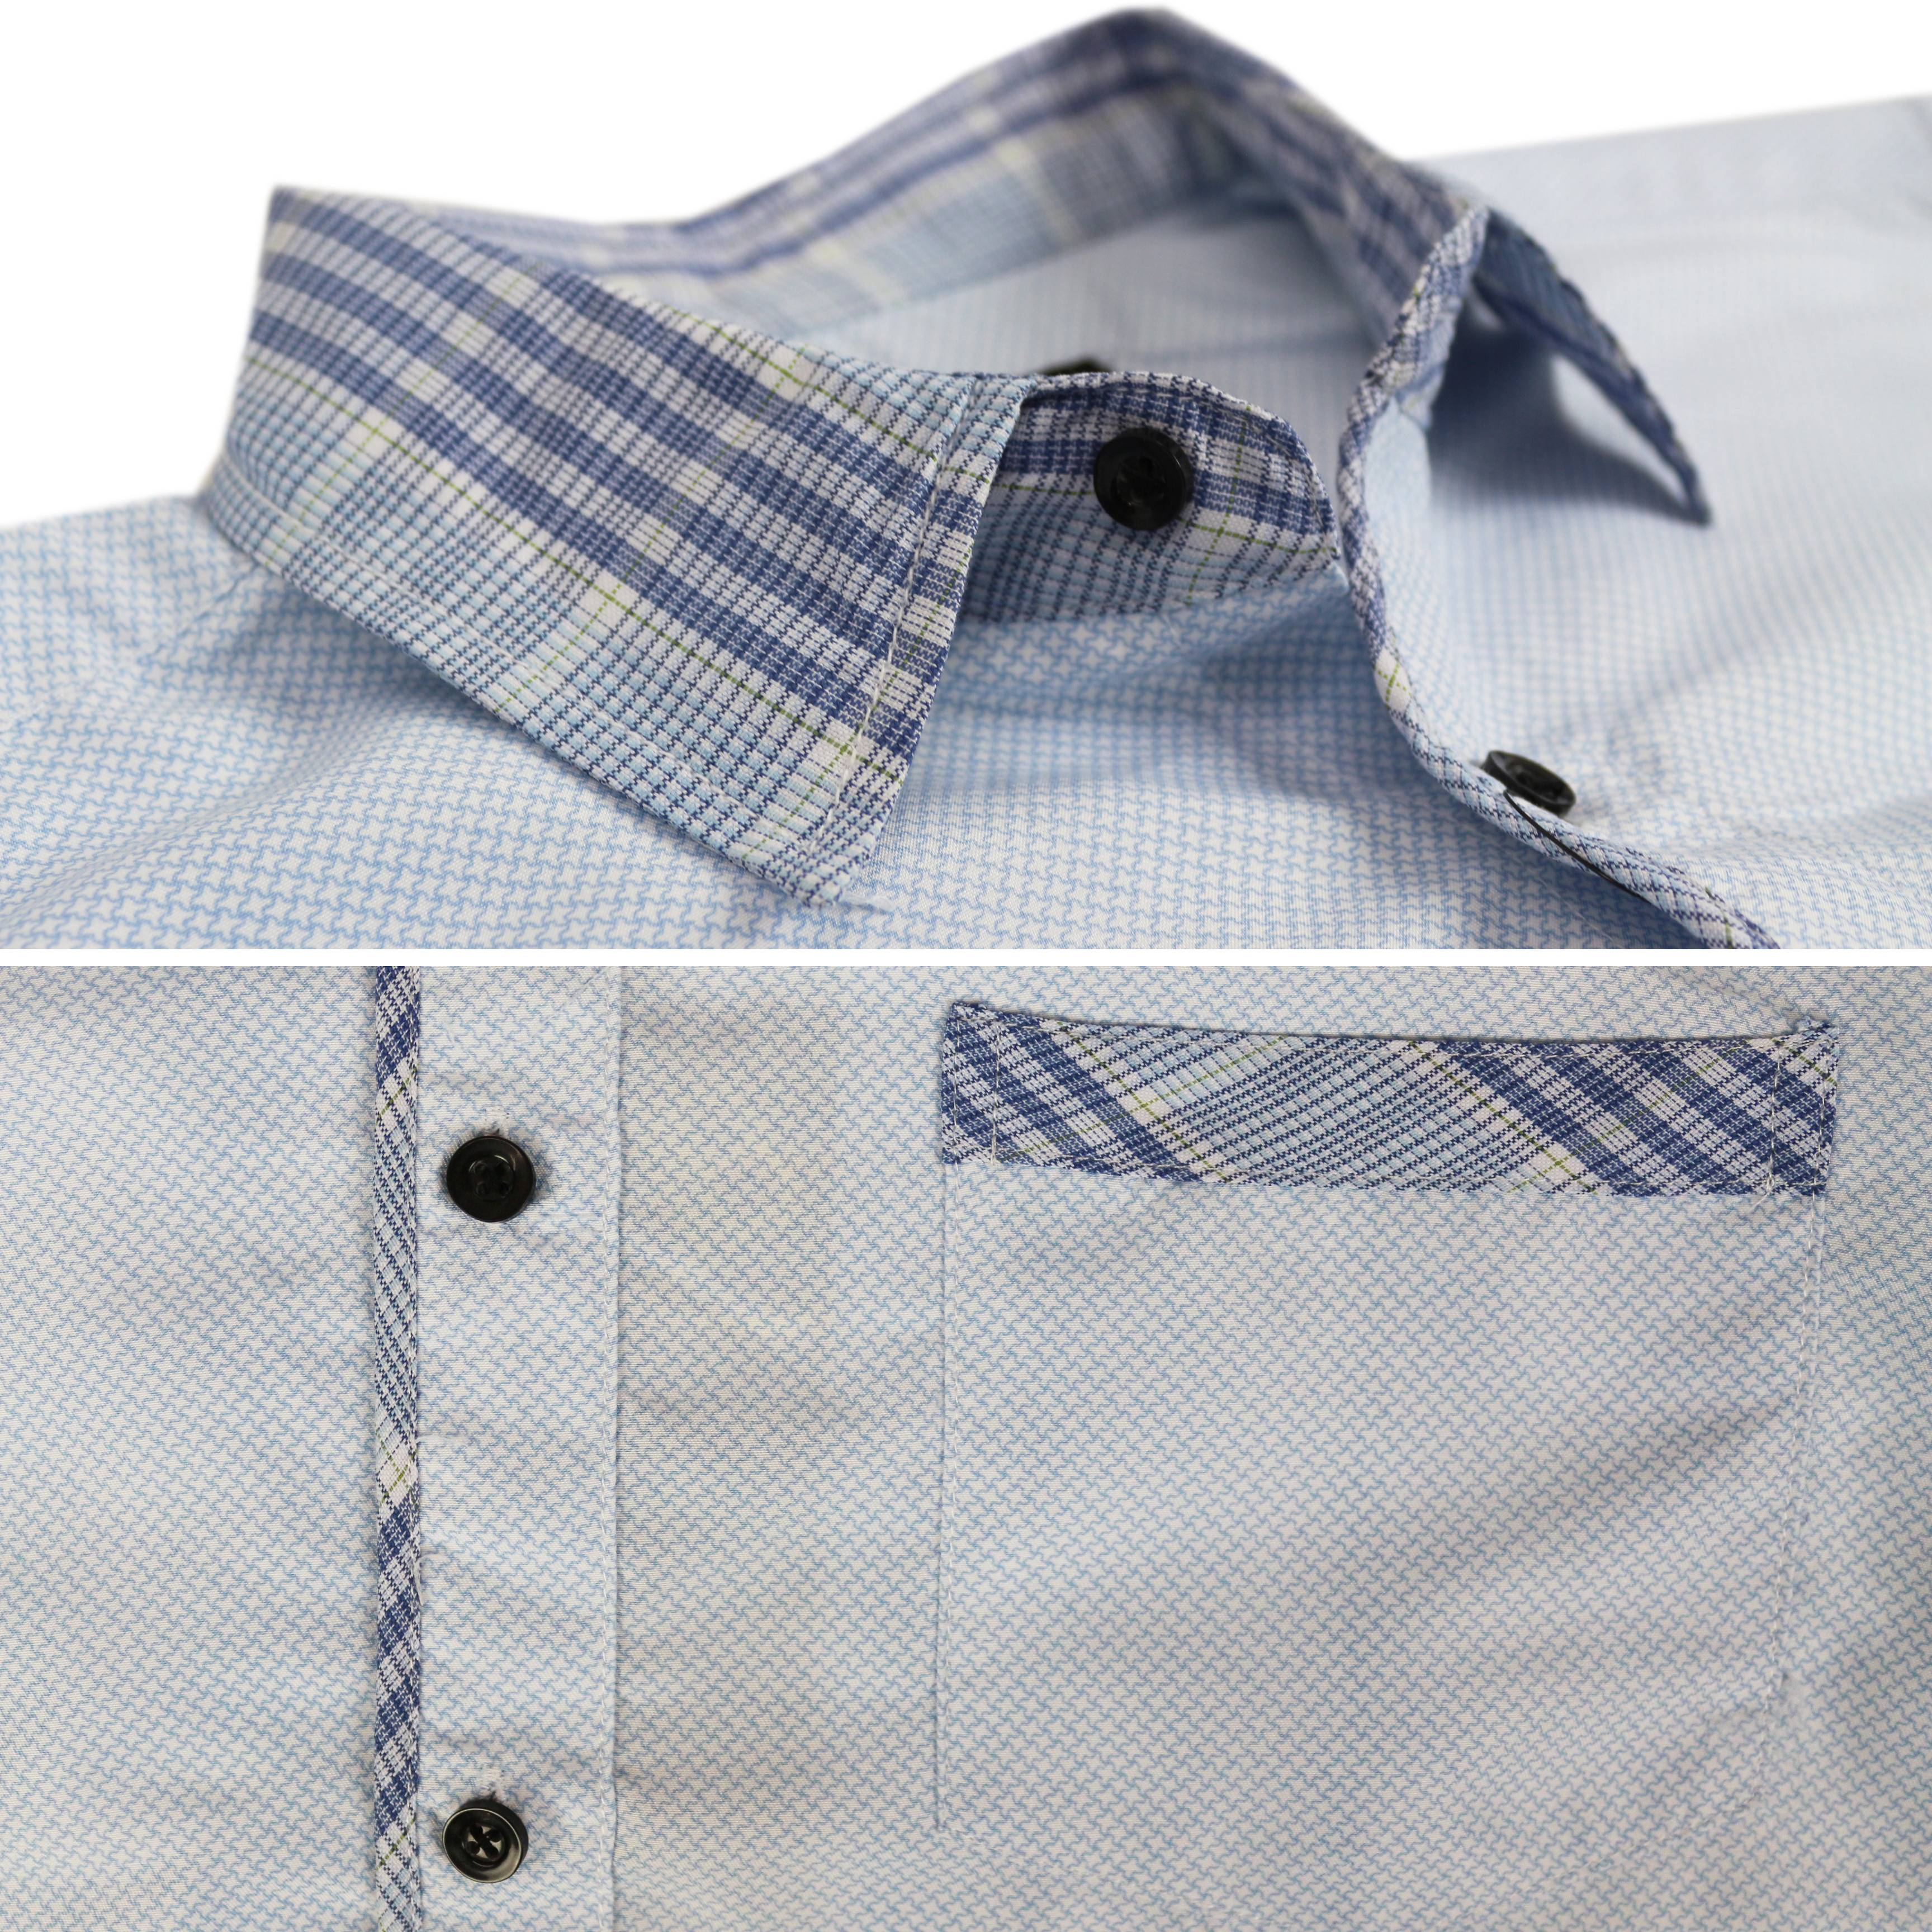 thumbnail 38 - LW-Men-039-s-Western-Button-Up-Long-Sleeve-Designer-Dress-Shirt